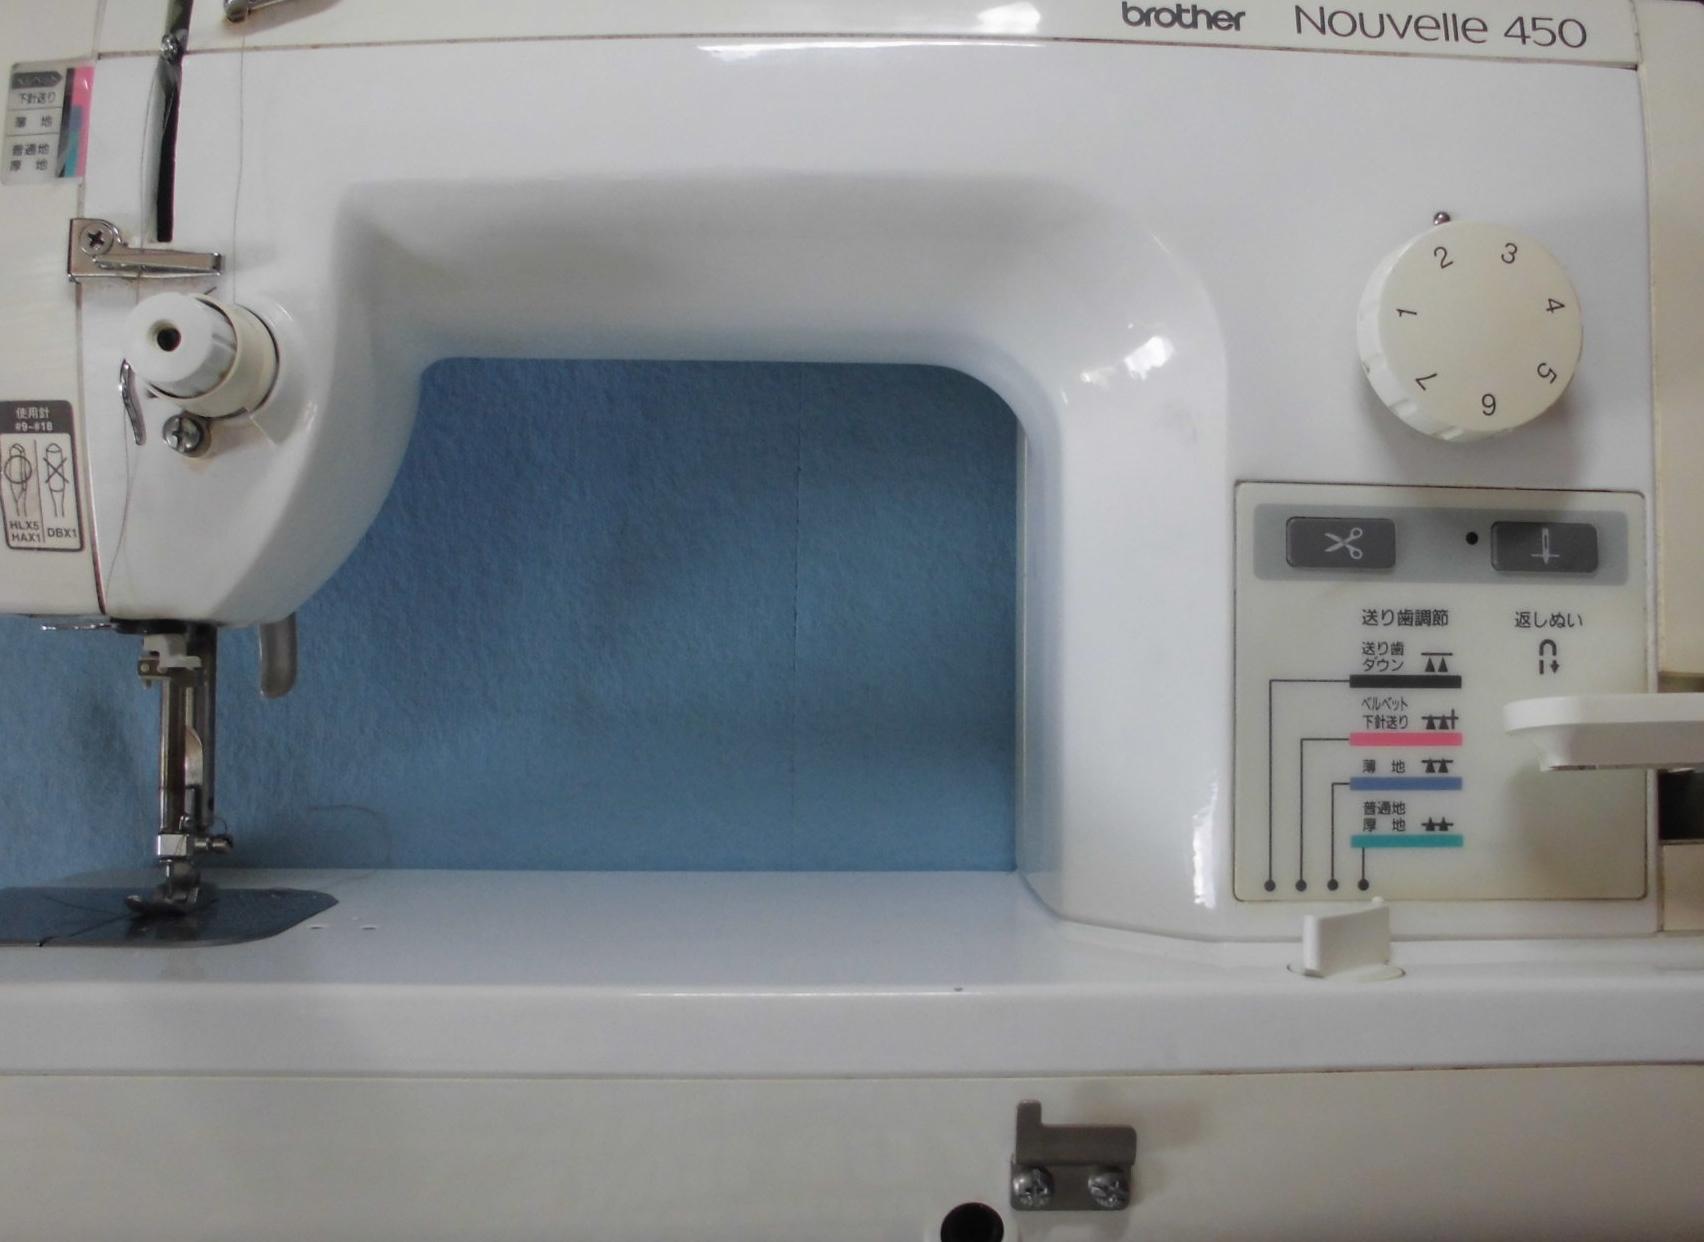 ブラザーミシン修理|ヌーベル450|動かない、縫えない、部品の破損・交換